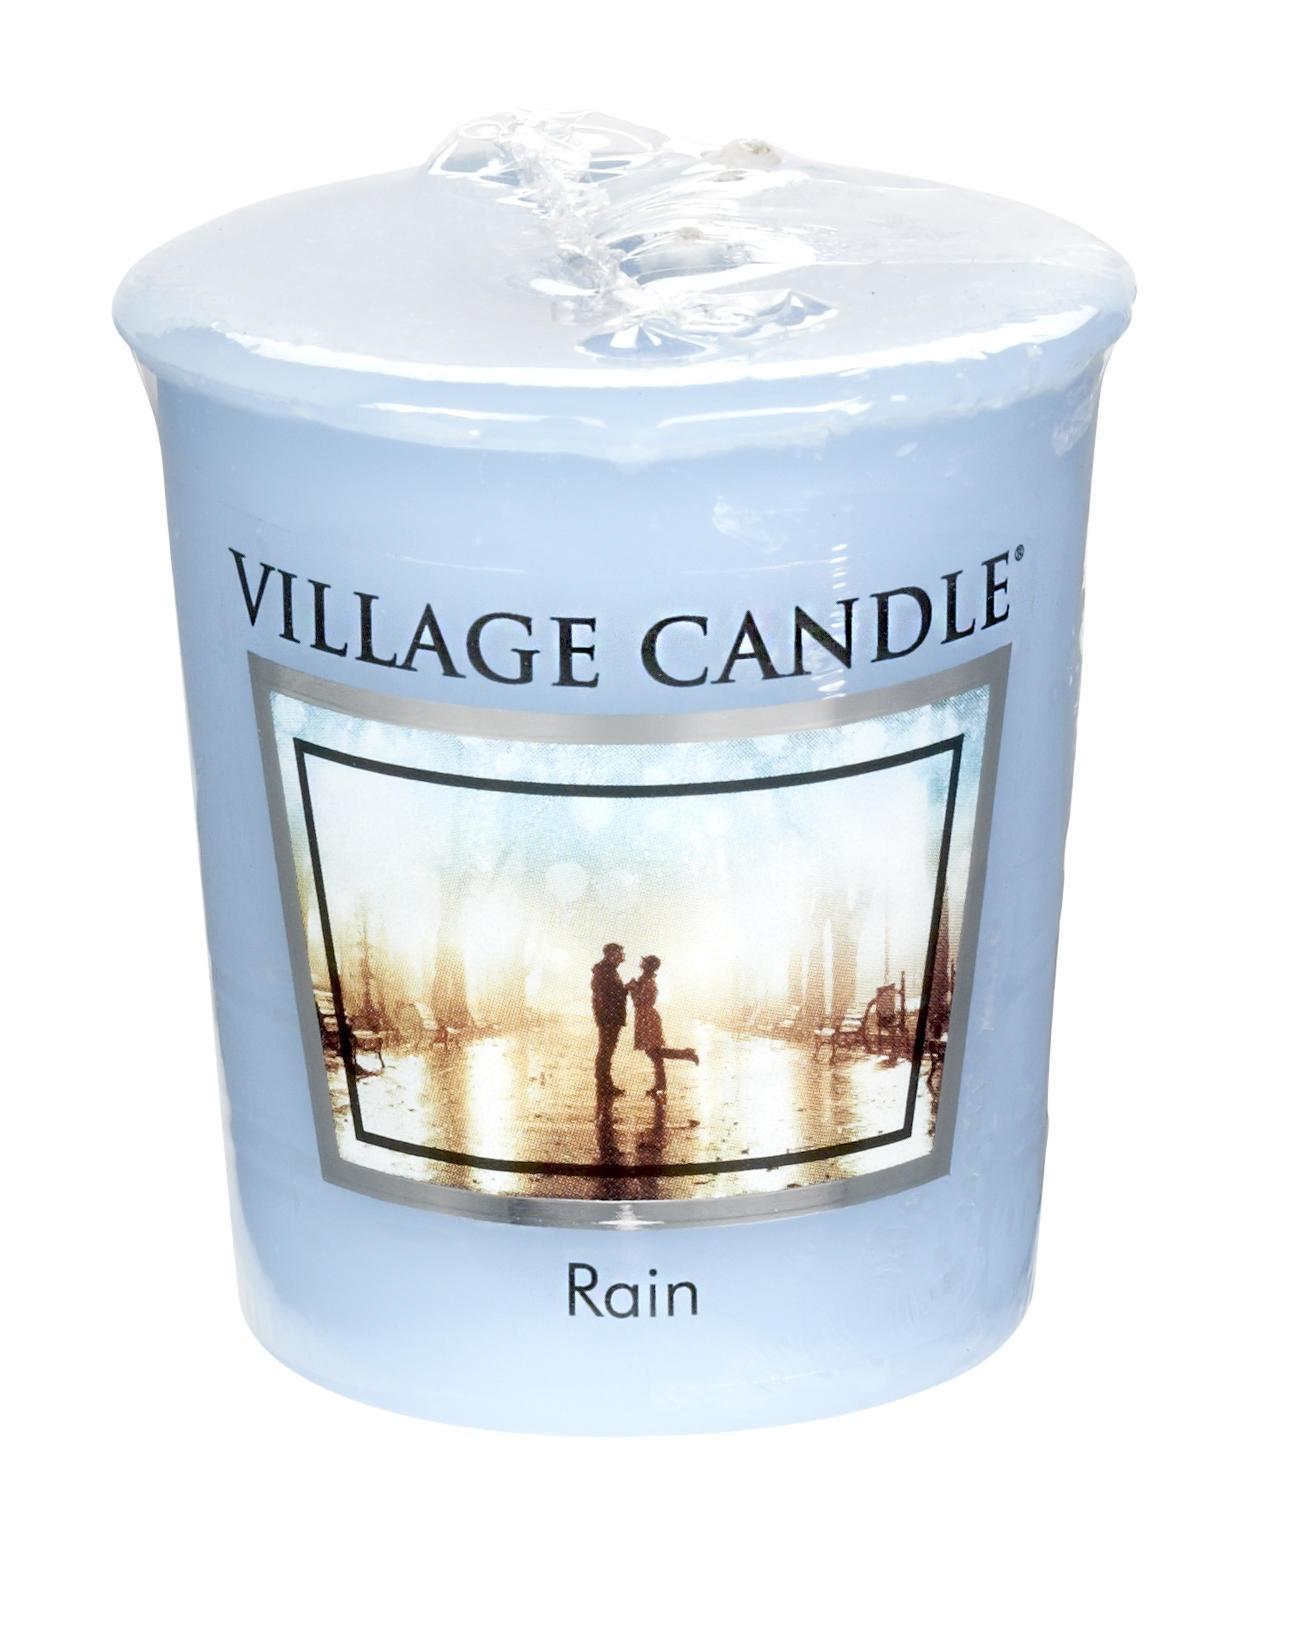 VILLAGE CANDLE Votivní svíčka Village Candle - Rain, modrá barva, vosk